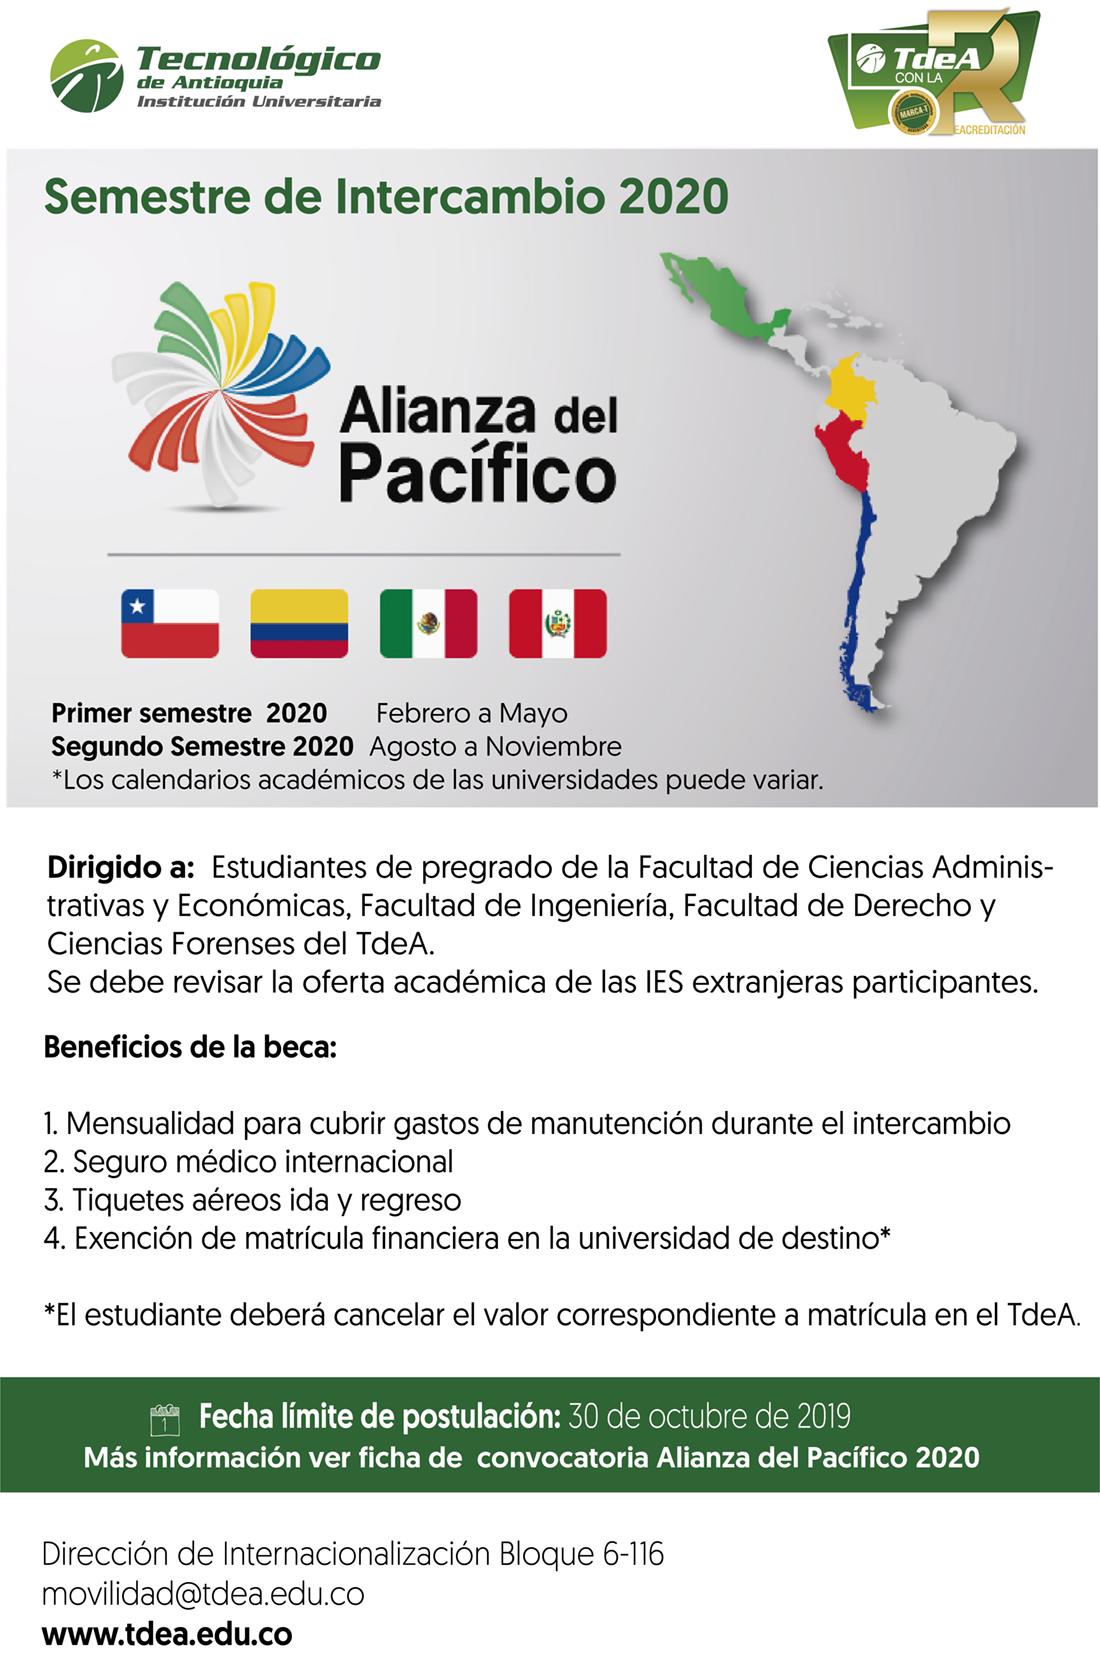 Semestre de intercambio 2020 - Alianza del Pacífico